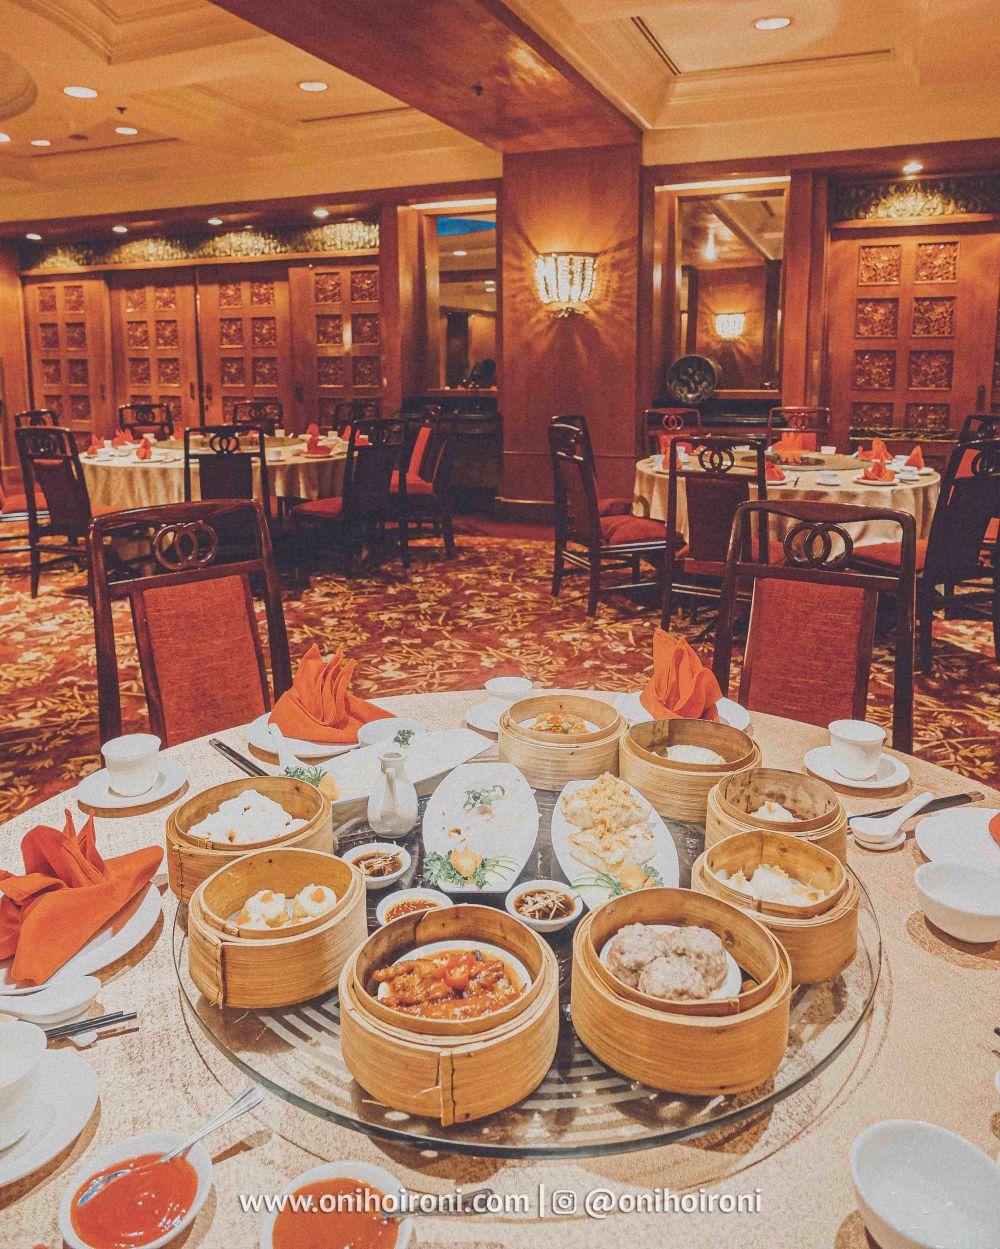 8 Review food makanan shang palace restaurant Shangrila Surabaya Hotel Oni hoironi